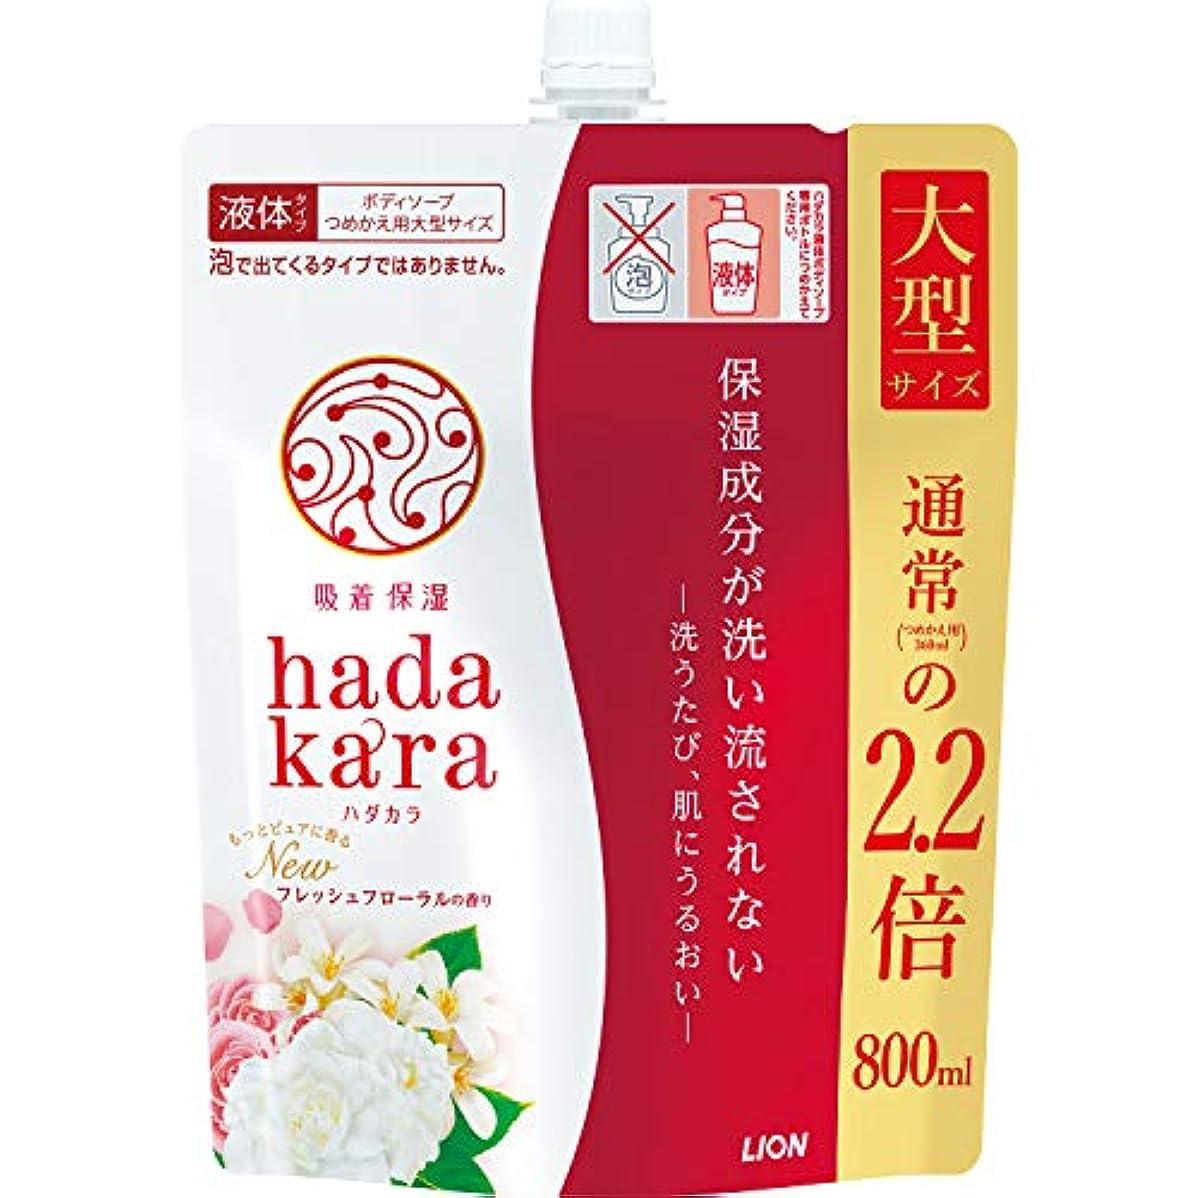 恐れ苦悩ファンネルウェブスパイダーhadakara(ハダカラ) ボディソープ フレッシュフローラルの香り つめかえ用大型サイズ 800ml